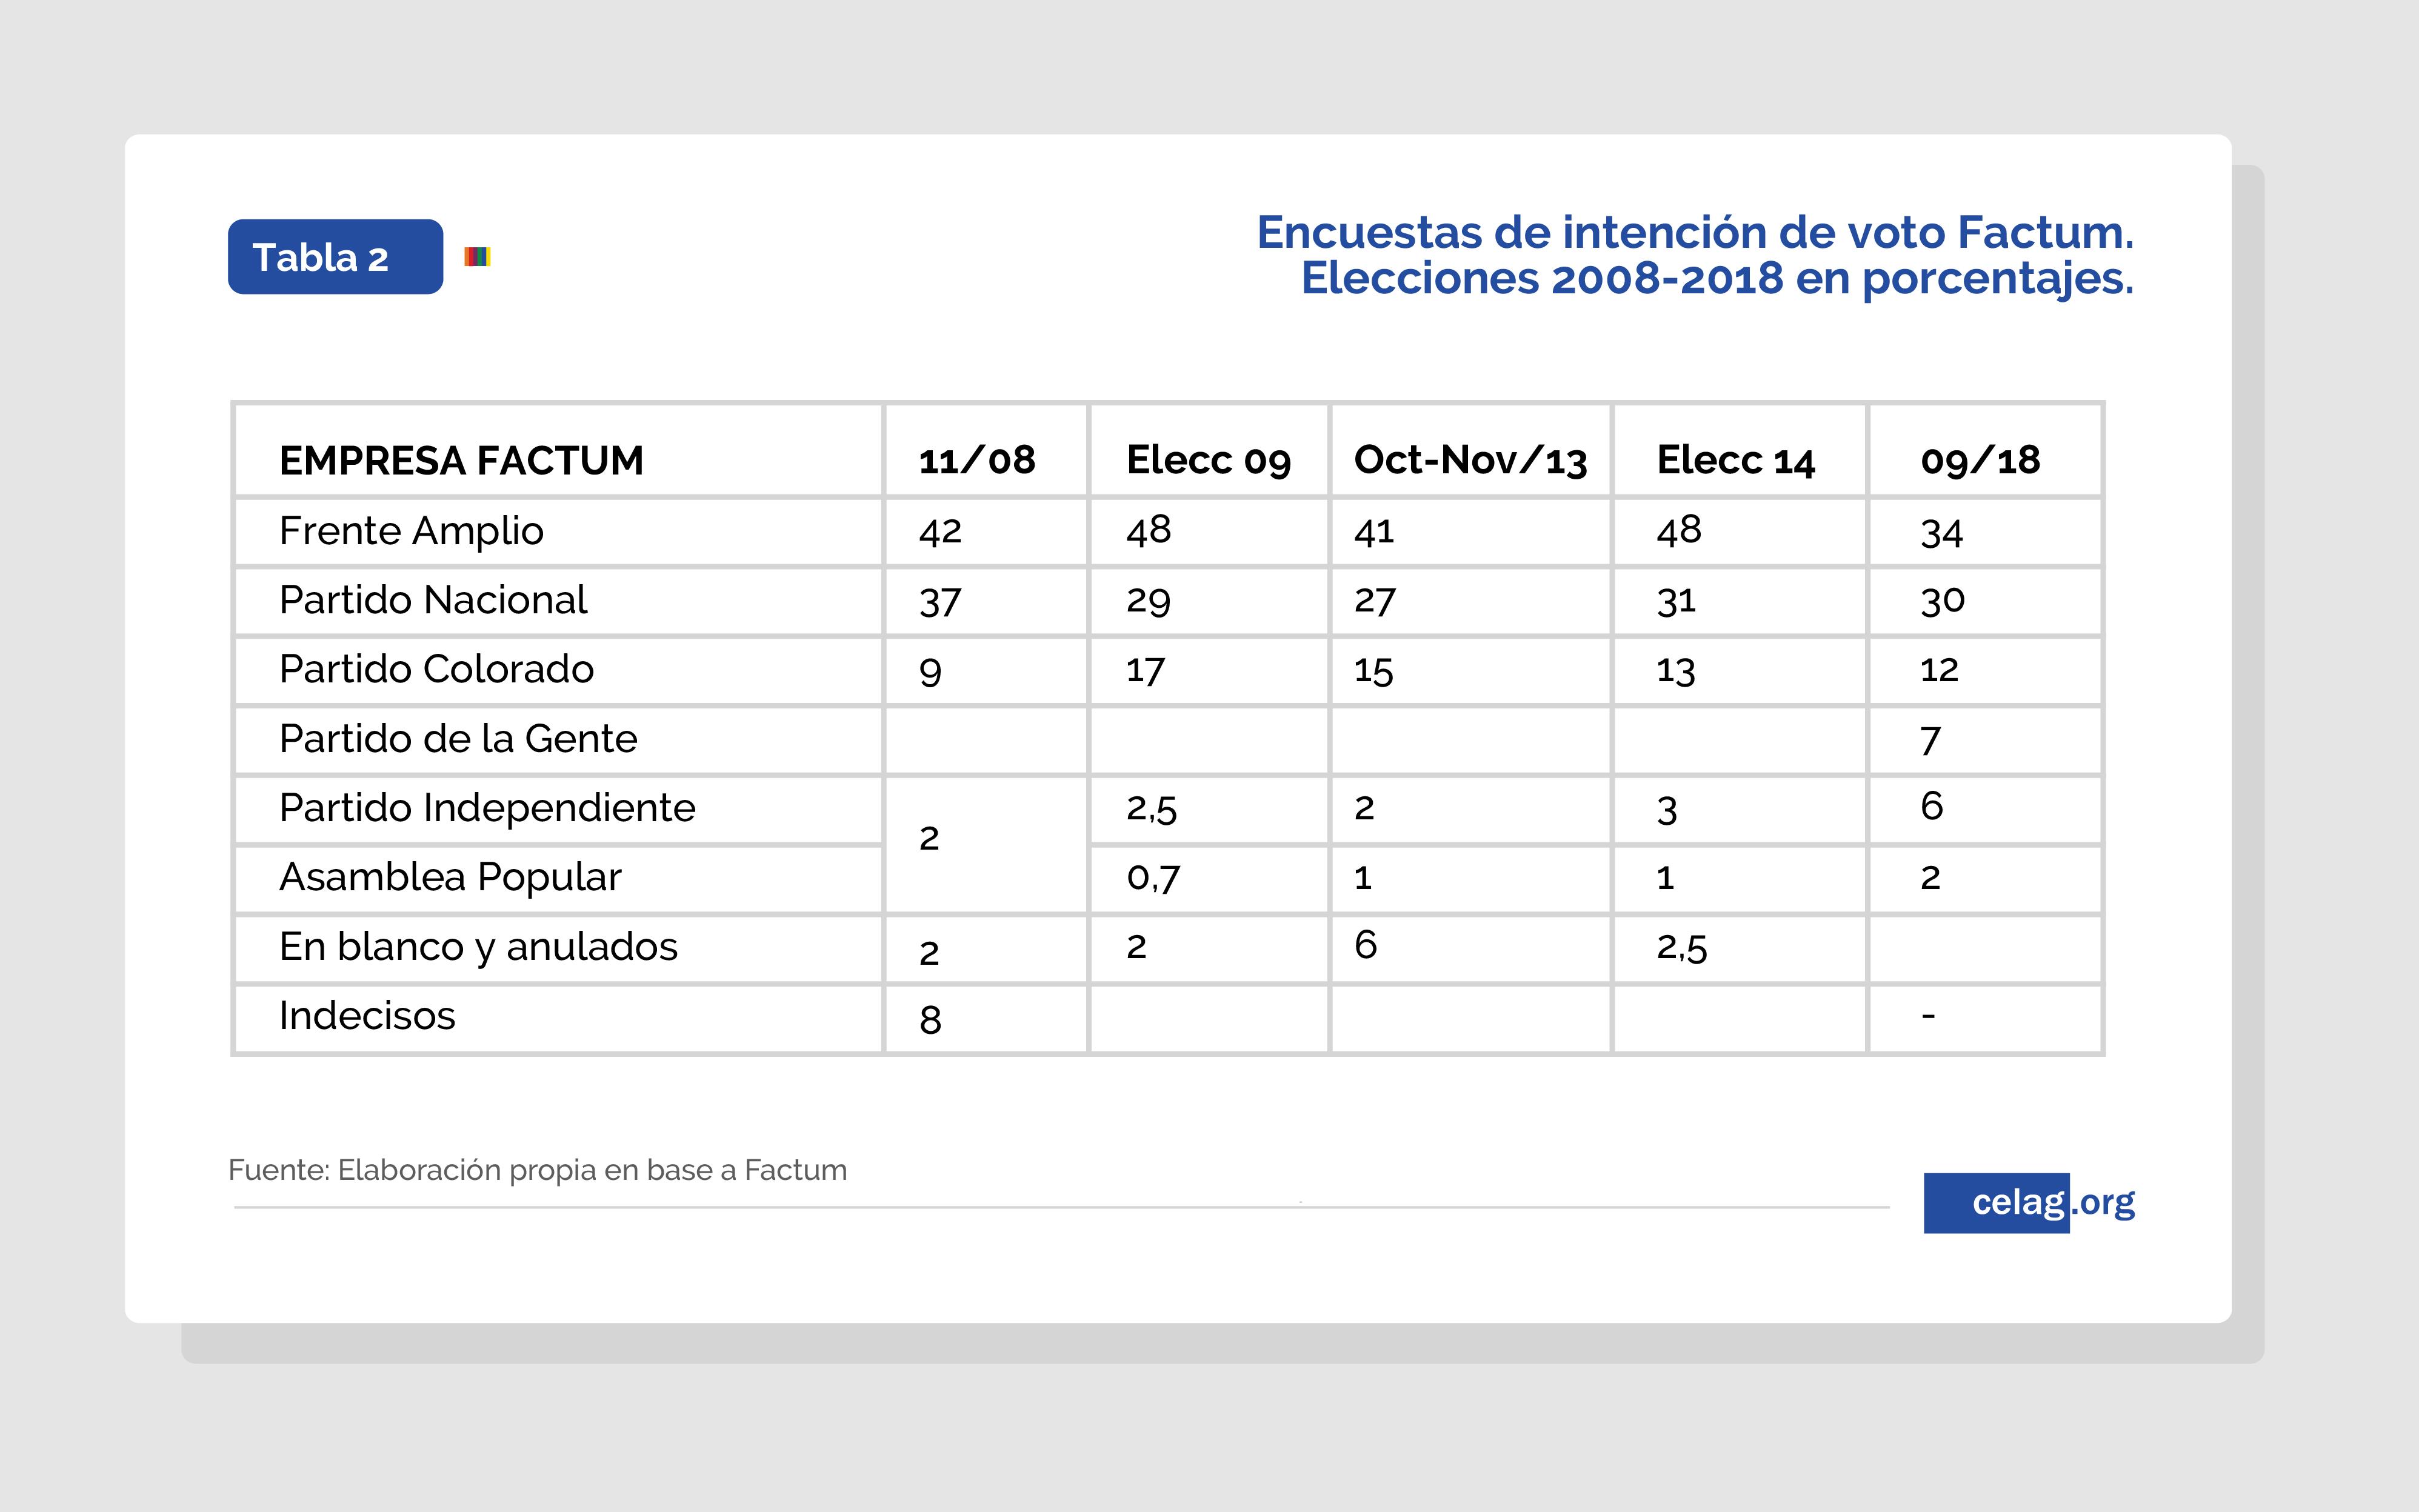 Histórico de intención de voto FACTUM (2008-2018) Uruguay